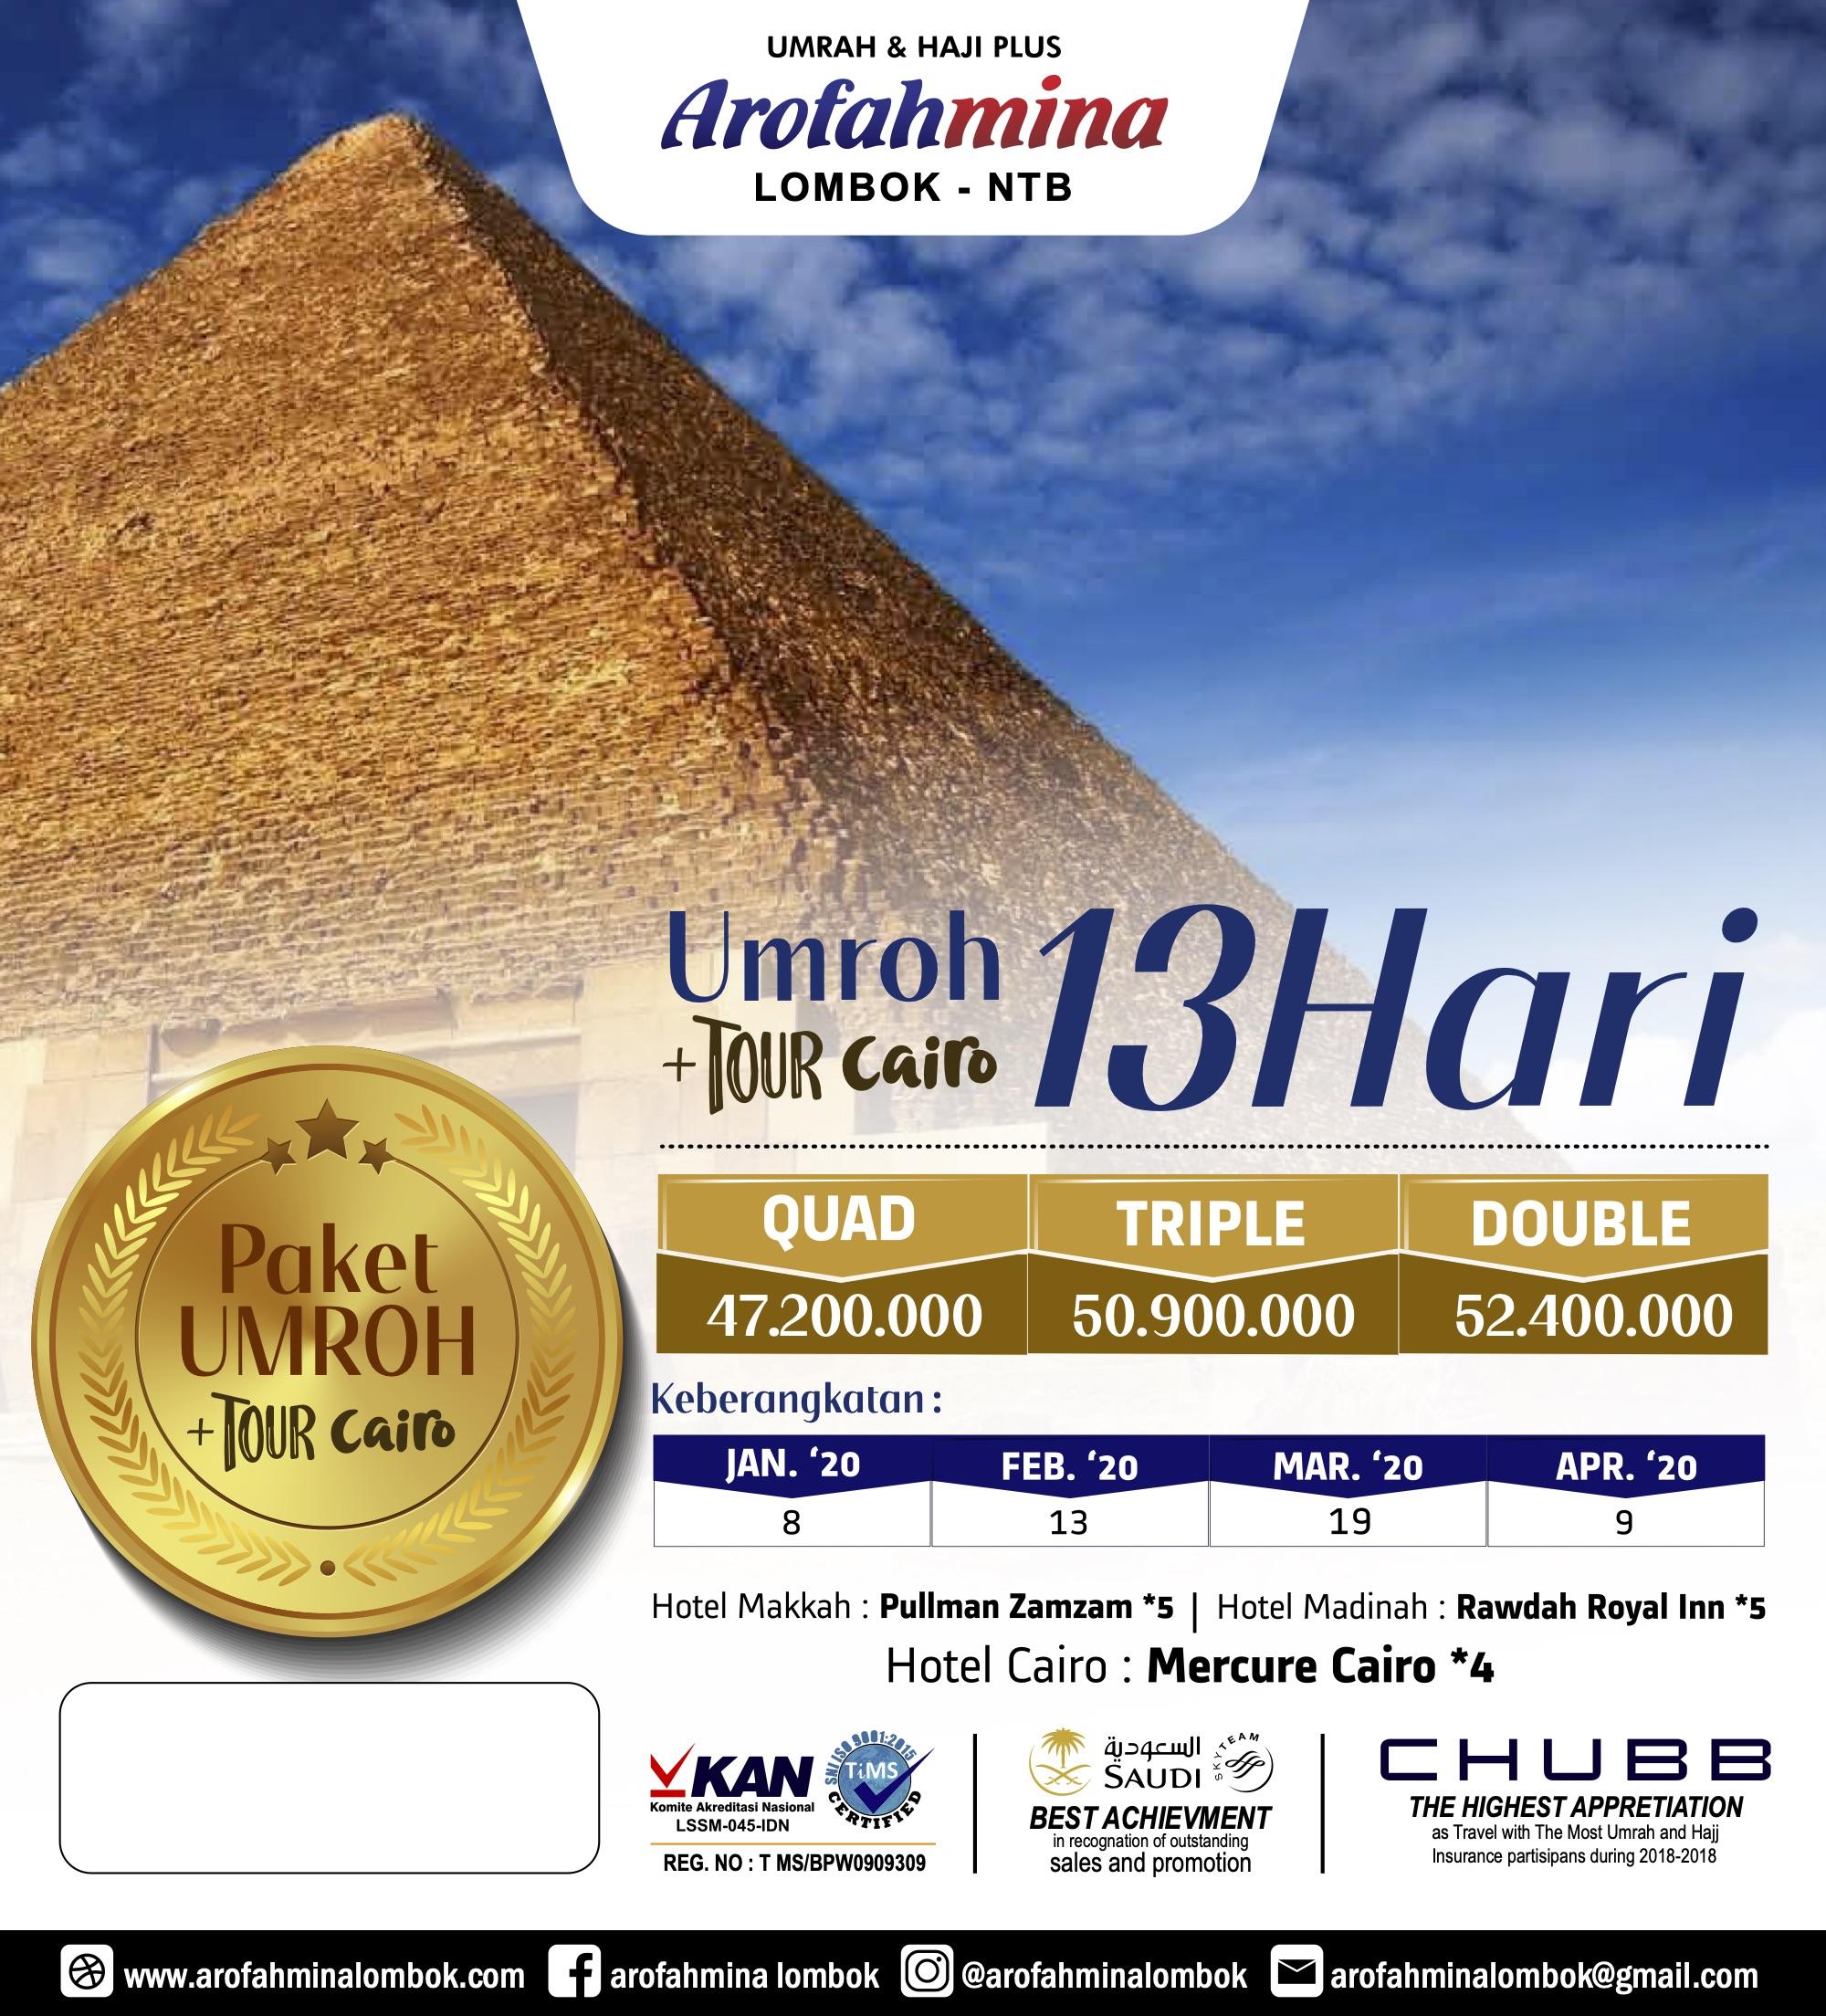 PAKET UMROH PLUS TOUR CAIRO 13 HARI 13 FEBRUARY 2020